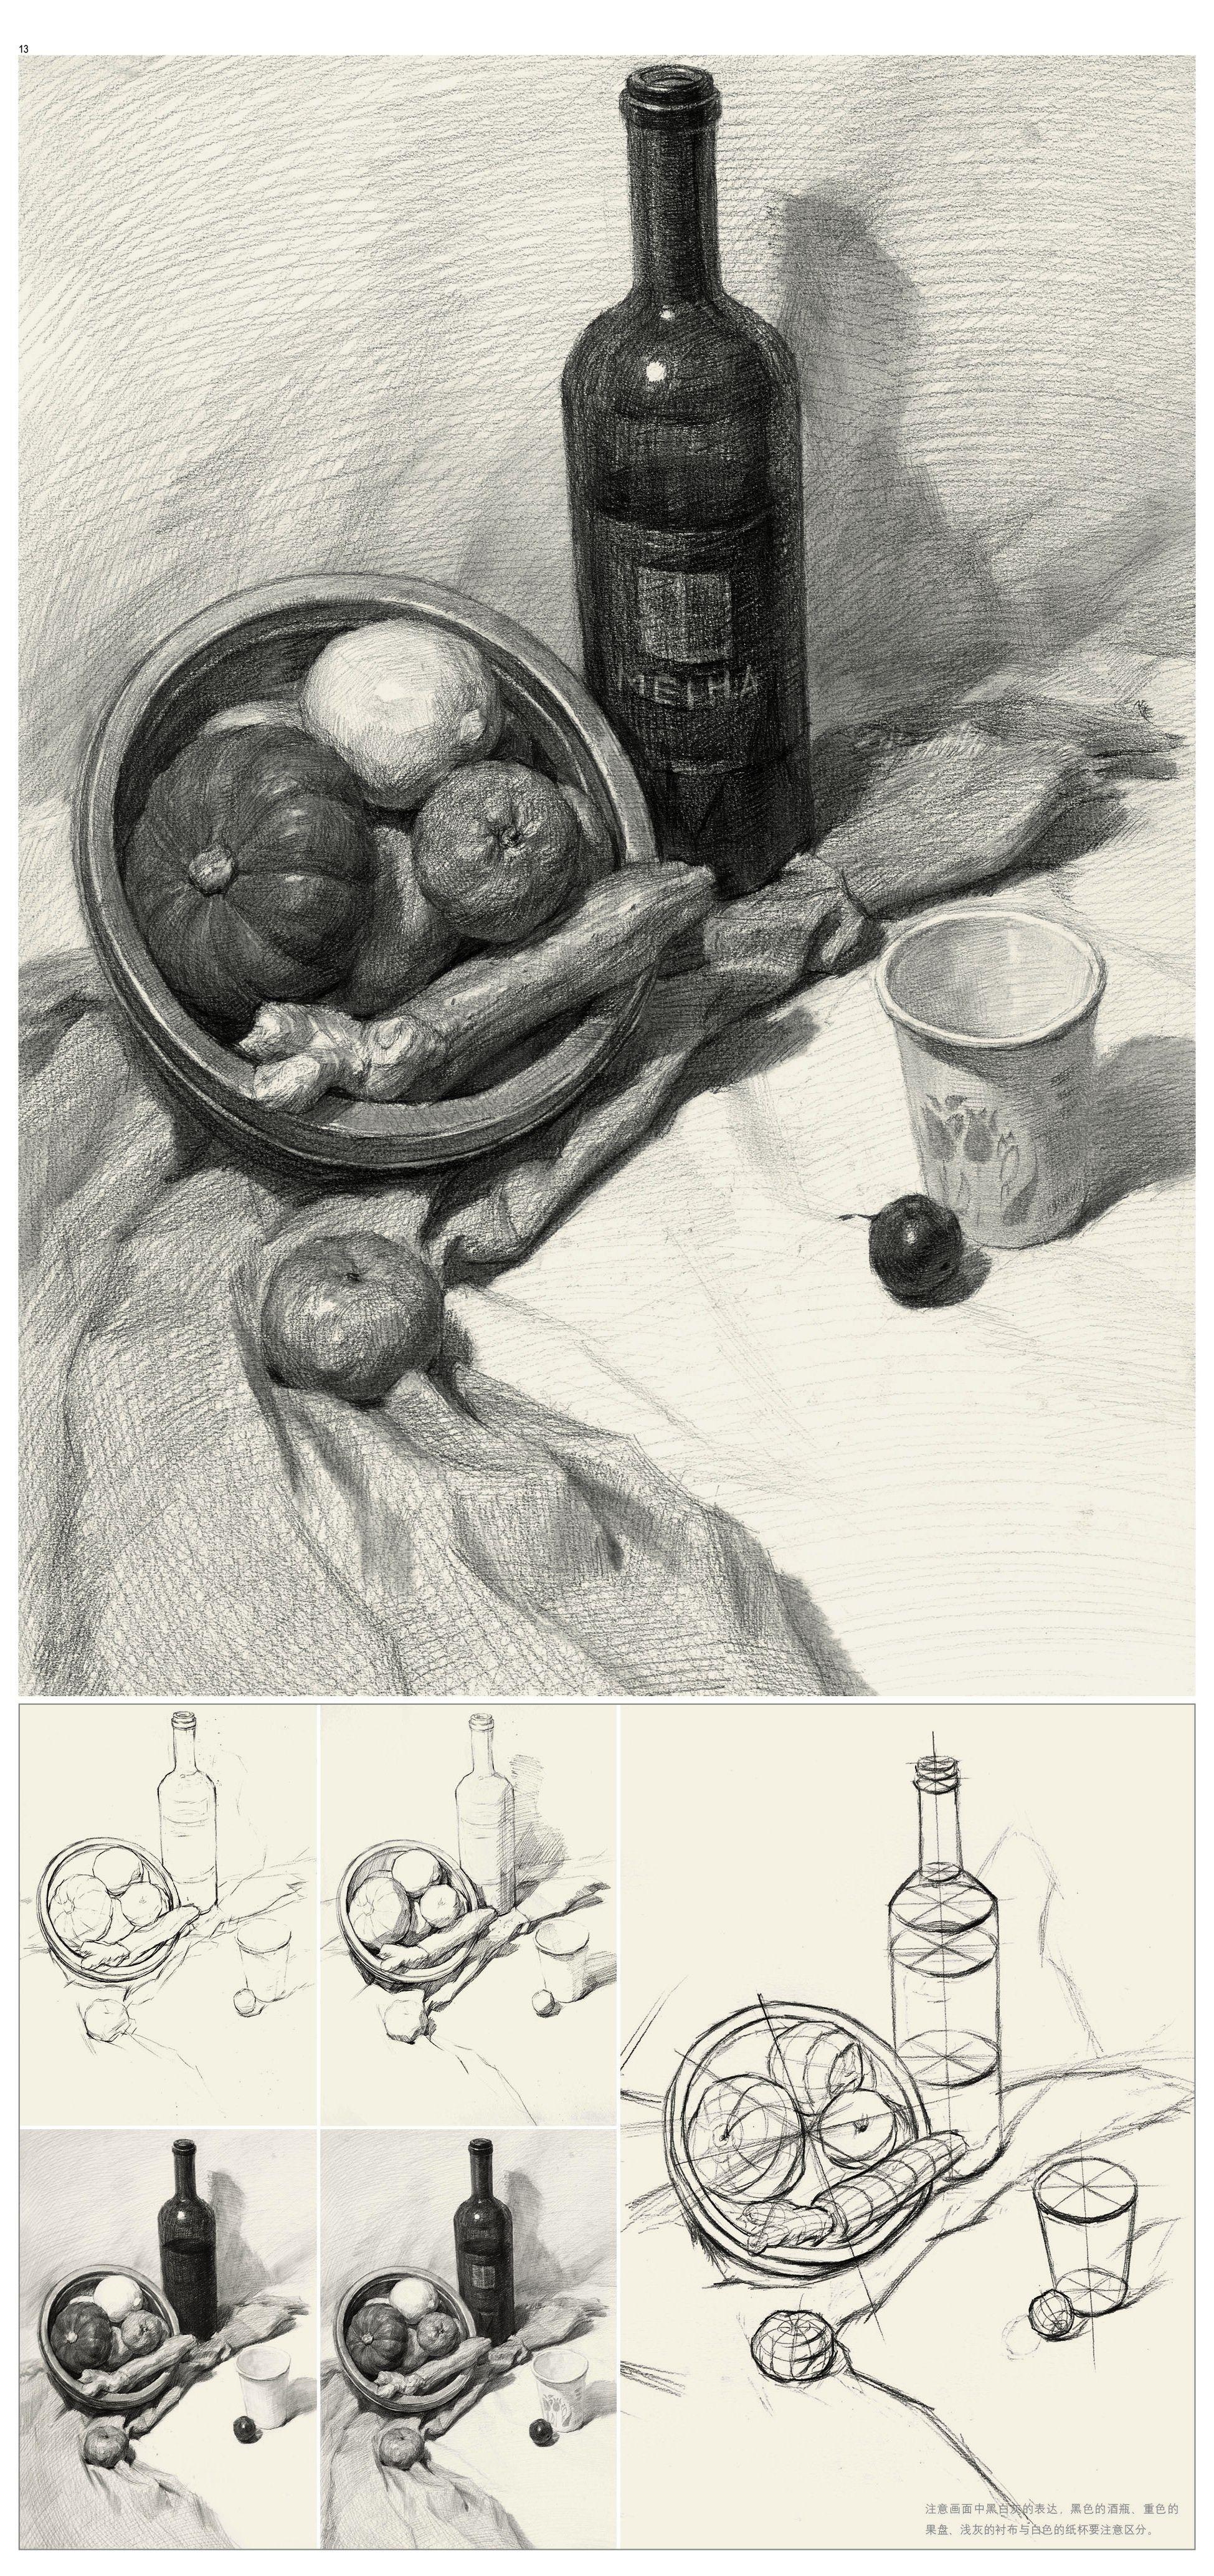 静物素描 范画 步骤 竖构图 南瓜 橘子 纸杯 红酒瓶 姜 柠檬 不锈钢盆